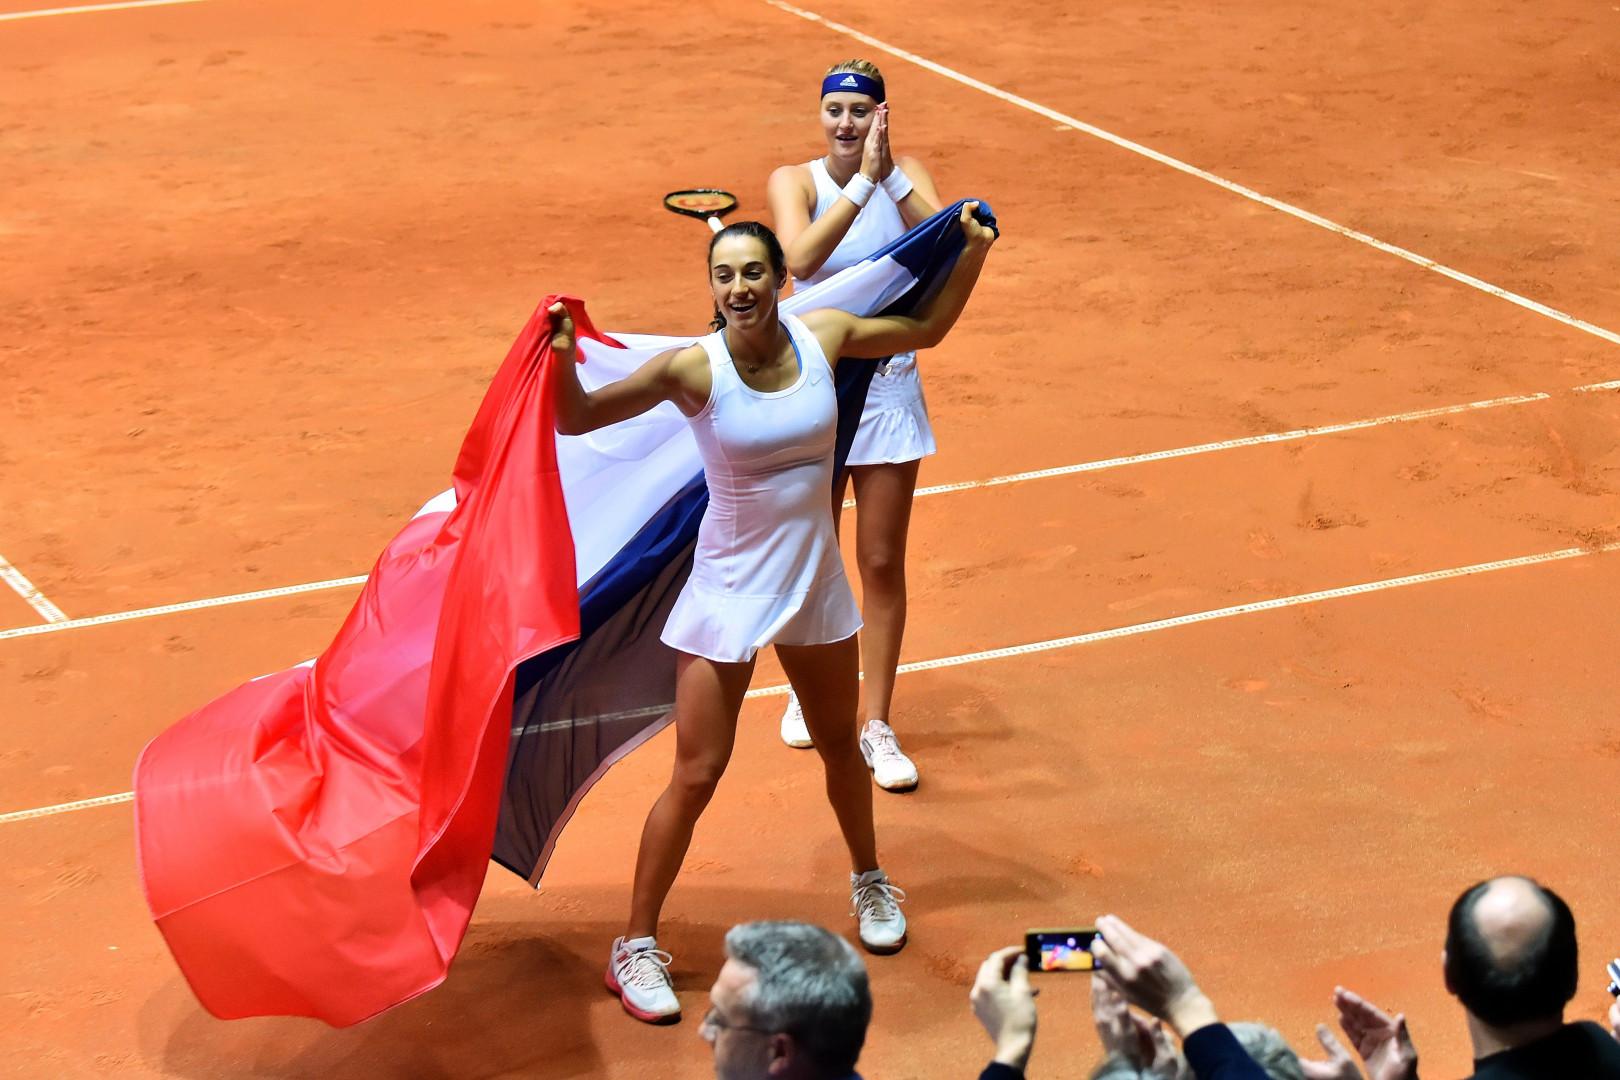 Caroline Garcia et Kristina Mladenovic après leur victoire décisive en double dimanche 8 janvier 2015